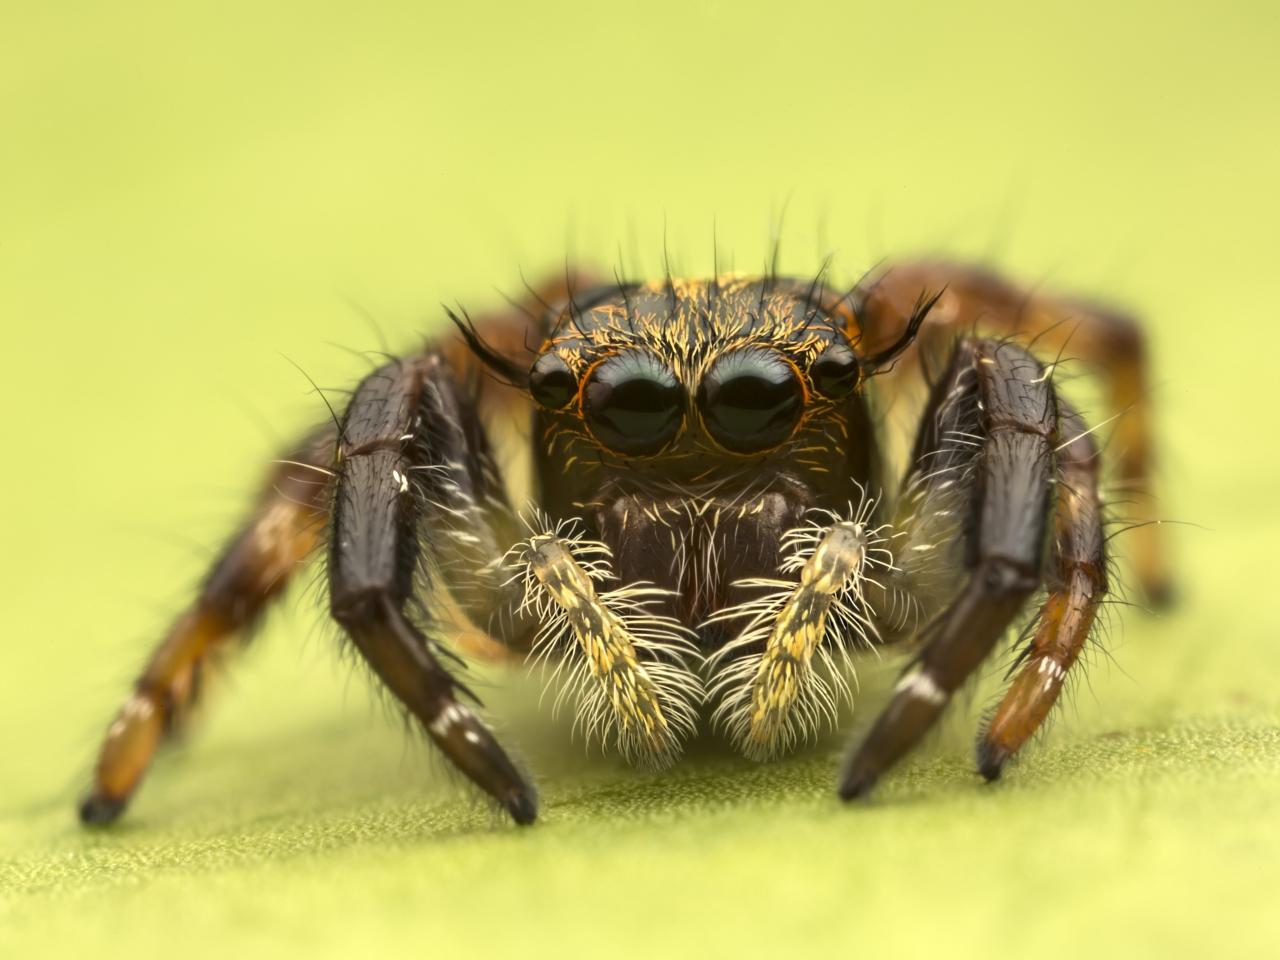 Insecto en macro - 1280x960